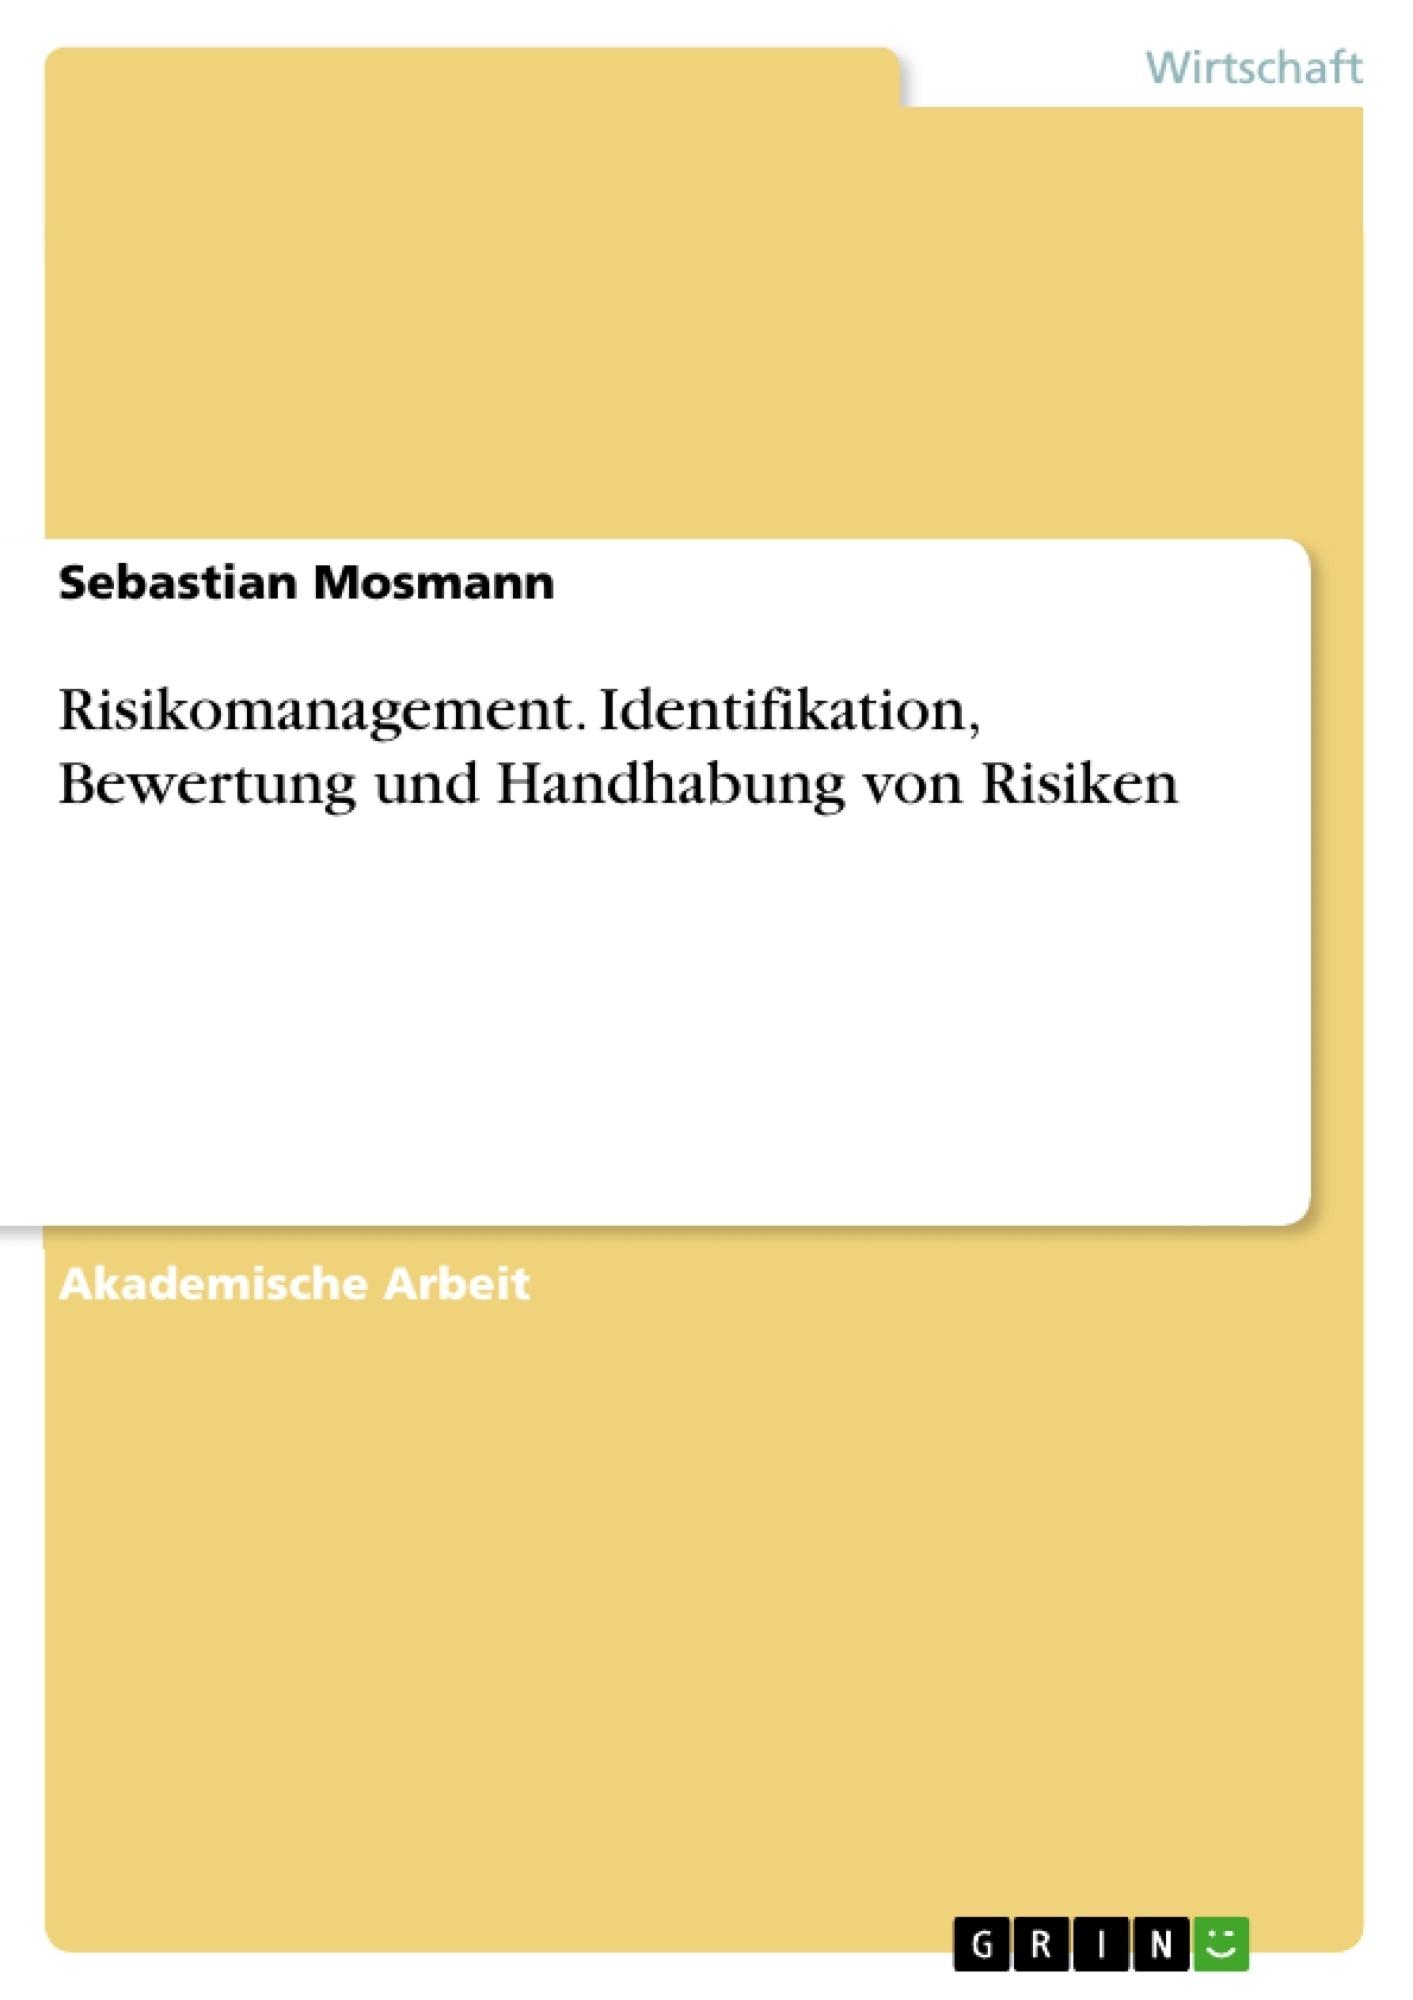 Titel: Risikomanagement. Identifikation, Bewertung und Handhabung von Risiken